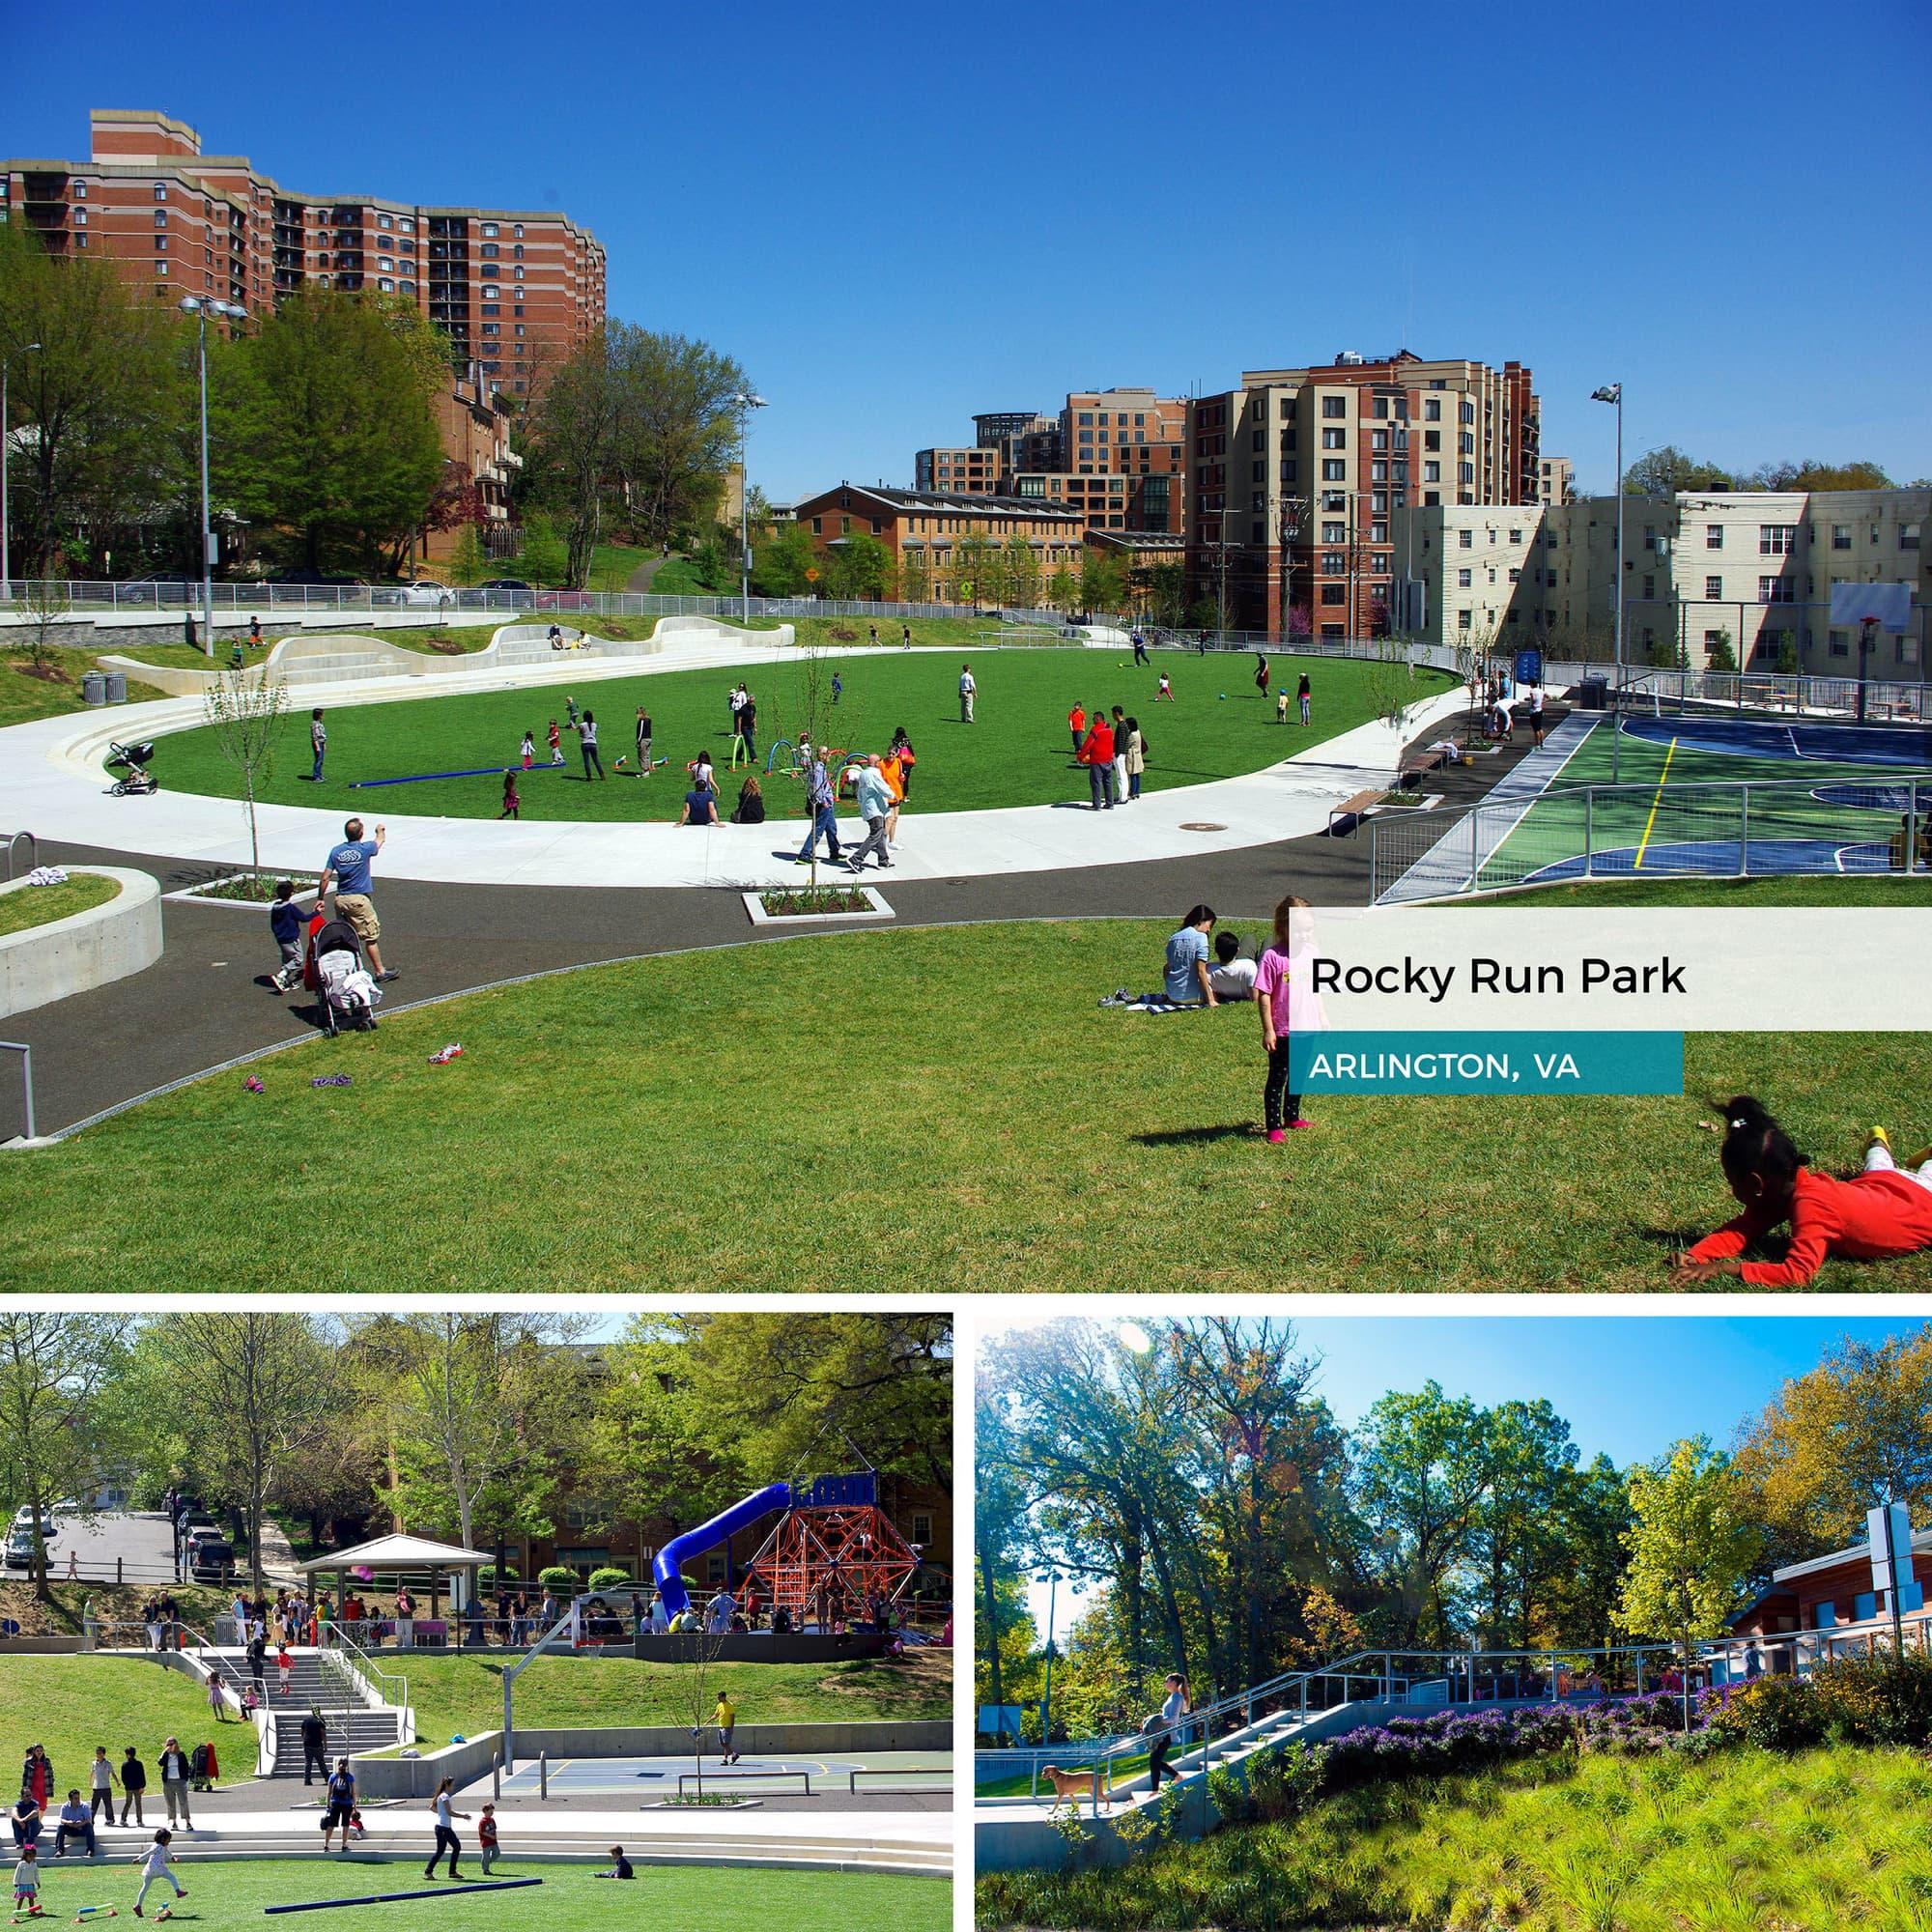 Rocky Run Park in Arlington, VA